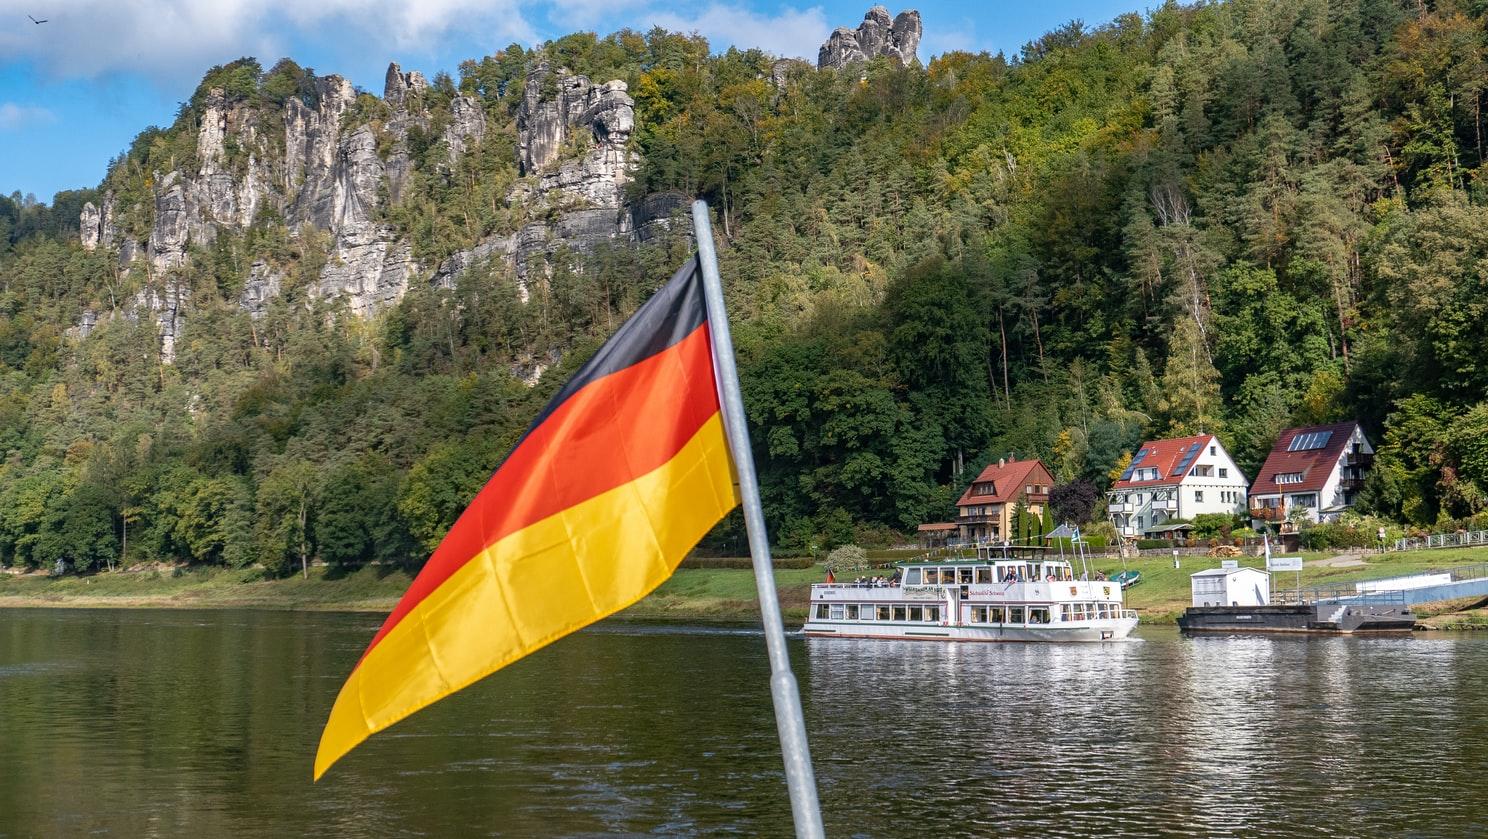 8 coisas que você precisa saber antes de estudar na Alemanha